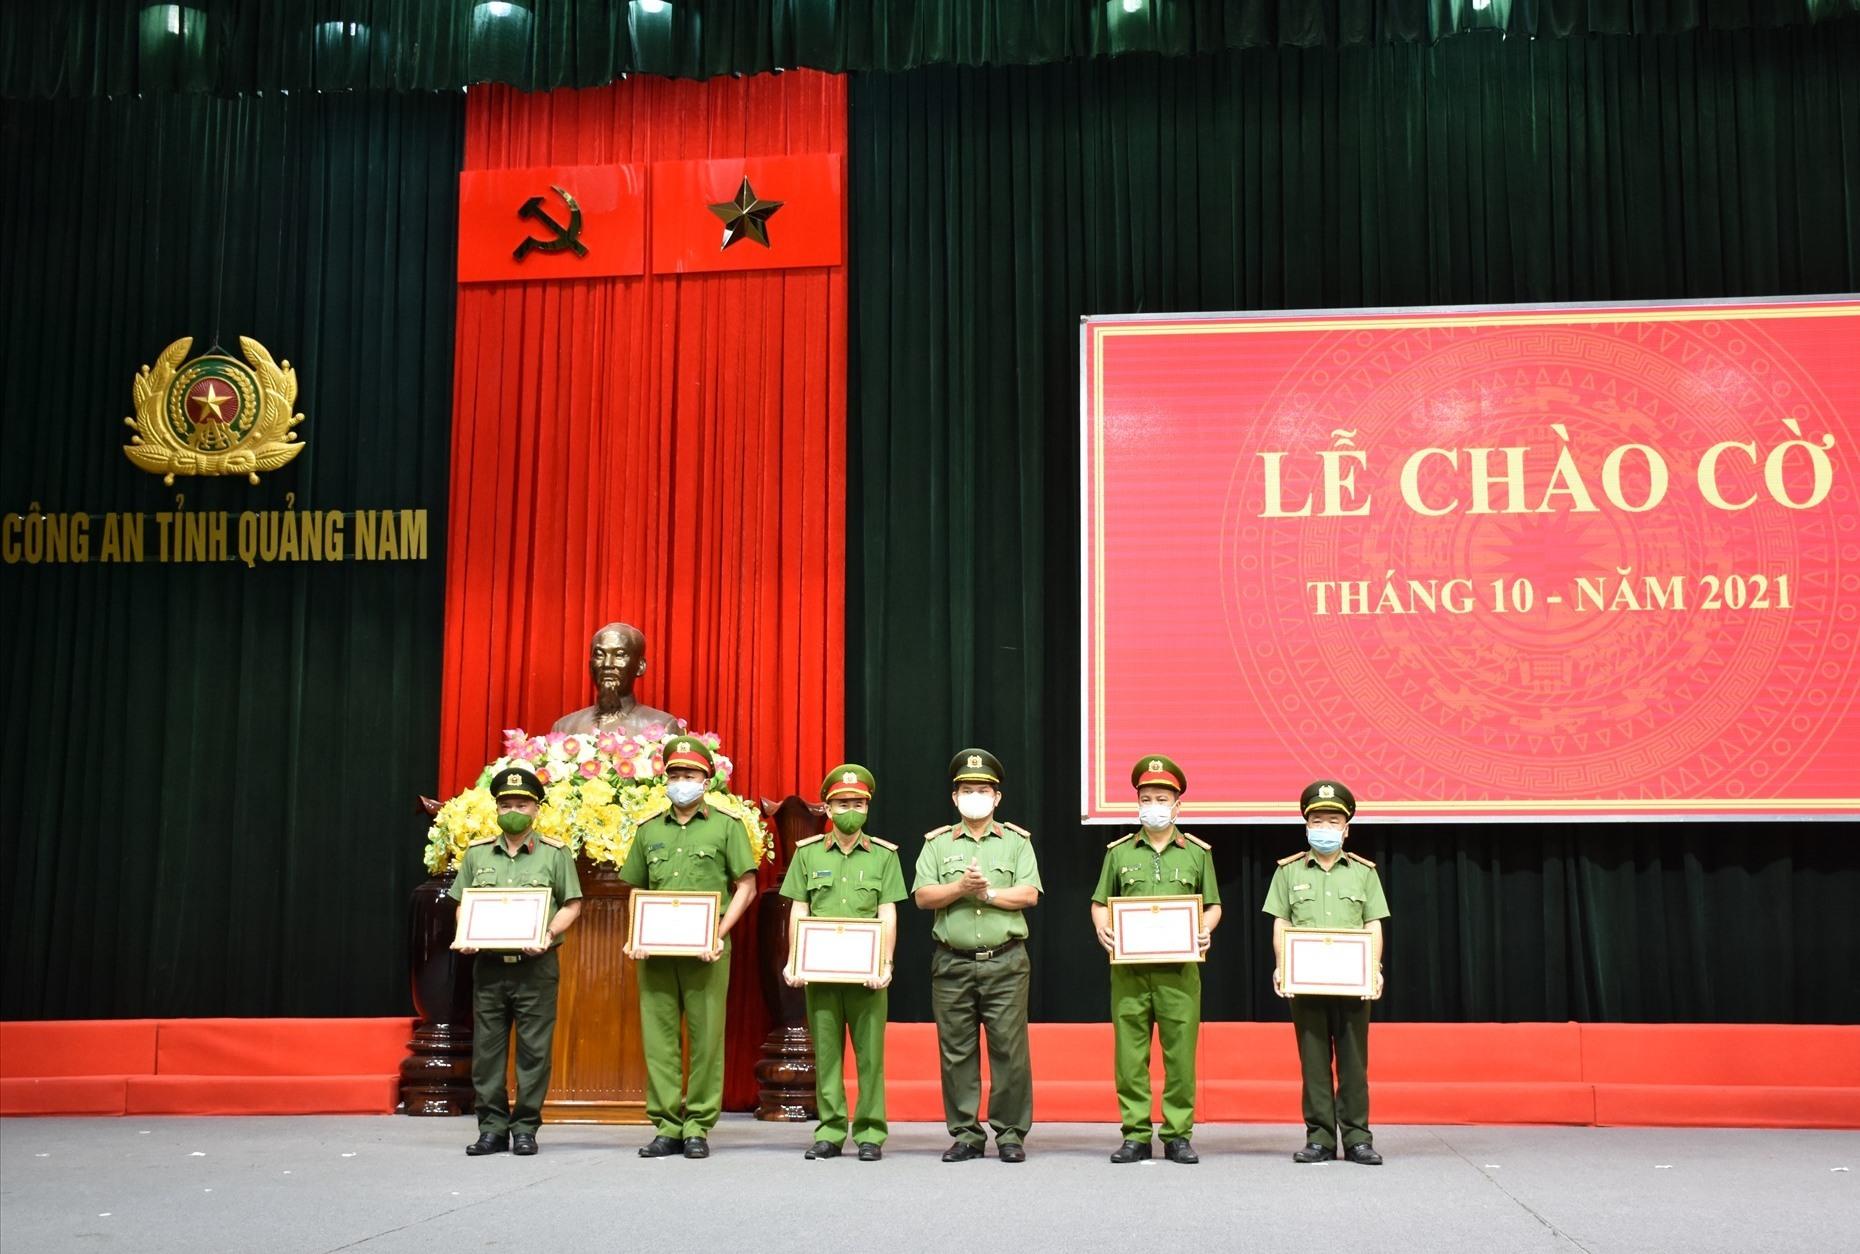 Đại tá Huỳnh Sông Thu, Phó Giám đốc Công an tỉnh và trao giấy khen cho các tập thể, cá nhân có thành tích xuất sắc trong đợt thi đua kỷ niệm 60 năm Ngày truyền thống lực lượng Cảnh sát PCCC và CNCH. Ảnh: M.T